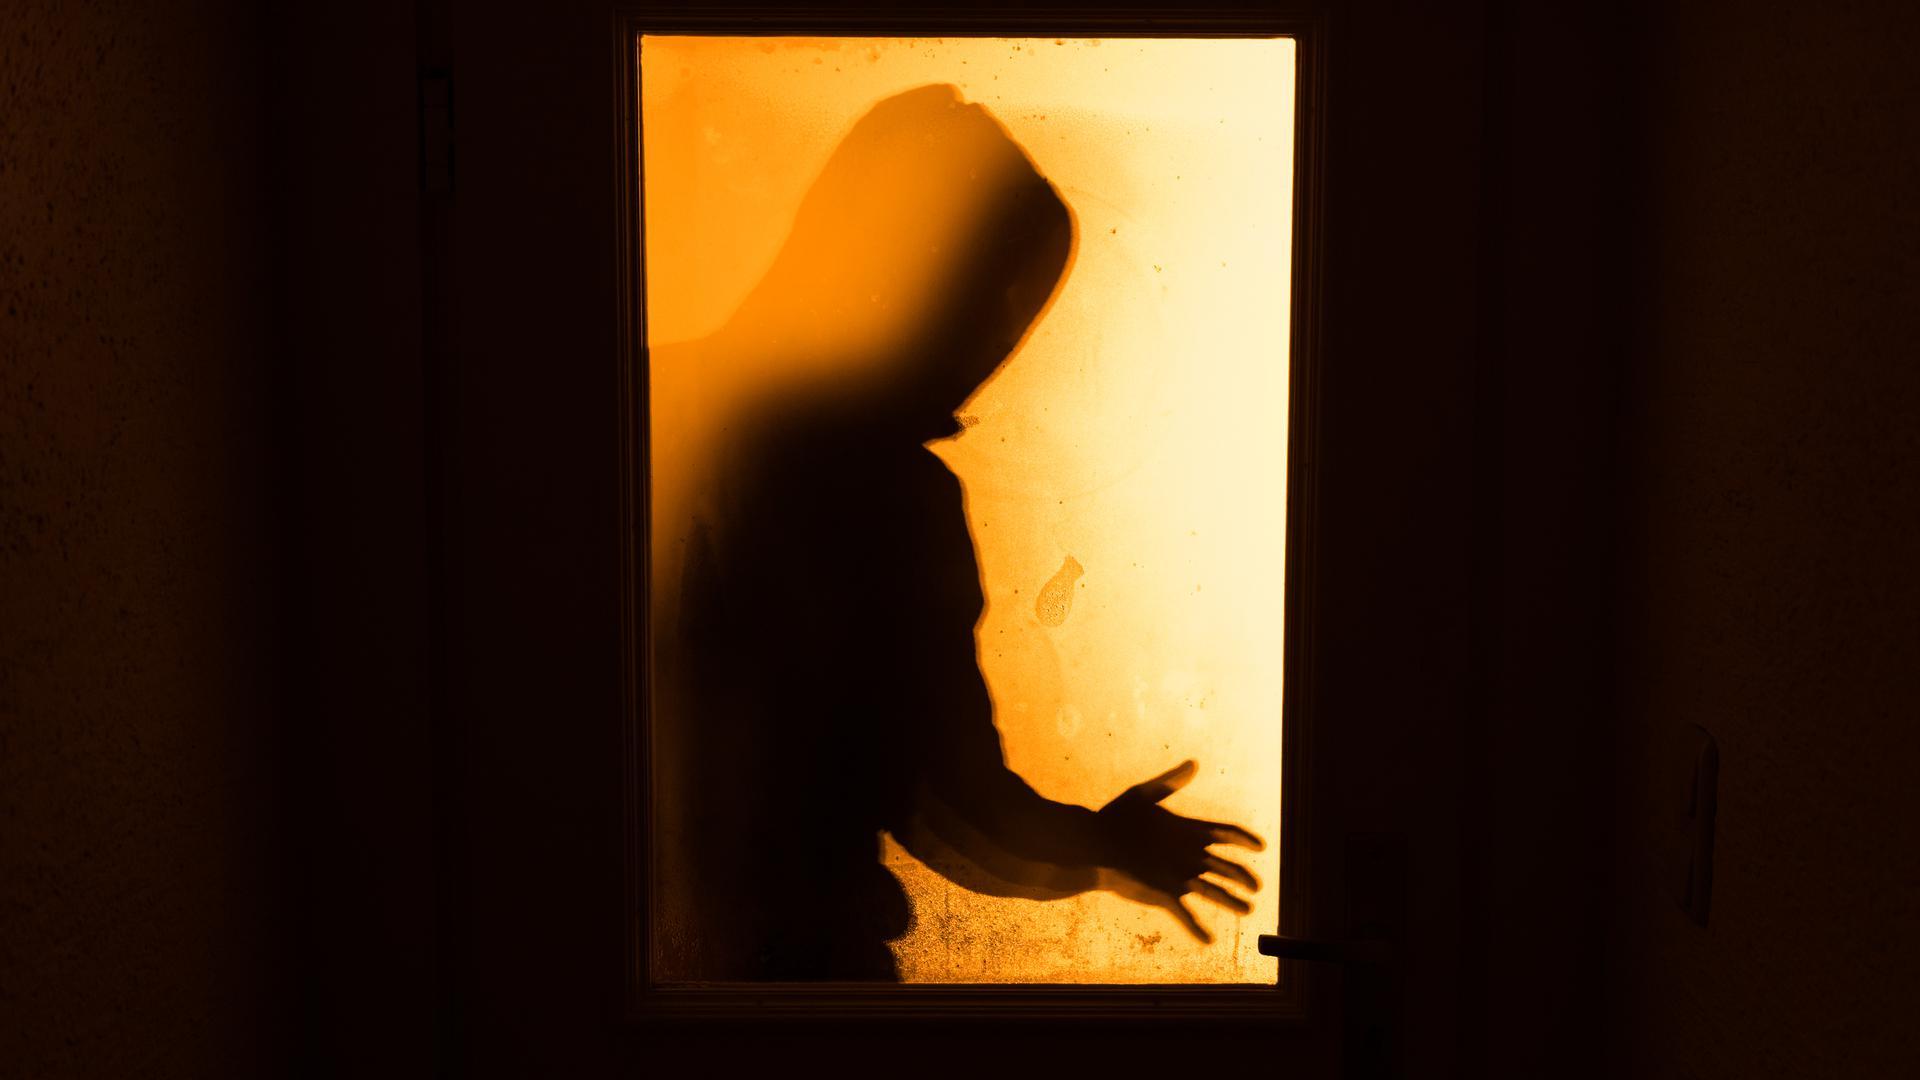 ARCHIV - ILLUSTRATION - DerSchatten eines Mannes ist am 19.01.2016 hinter einer gläsernen Wohnungstür in Aufseß (Bayern) zu sehen. Die Staatsanwaltschaft Hamburg wird im Kampf gegen Einbrecher personell verstärkt. Fünf zusätzliche Staatsanwälte sowie fünf weitere Mitarbeiter sollen ab dem kommenden Jahr eingesetzt werden. Foto: Nicolas Armer/dpa (zu dpa «Kampf gegen Diebe: Staatsanwaltschaft Hamburg bekommt mehr Stellen» vom 23.06.2016) +++(c) dpa - Bildfunk+++ | Verwendung weltweit ABB Achern